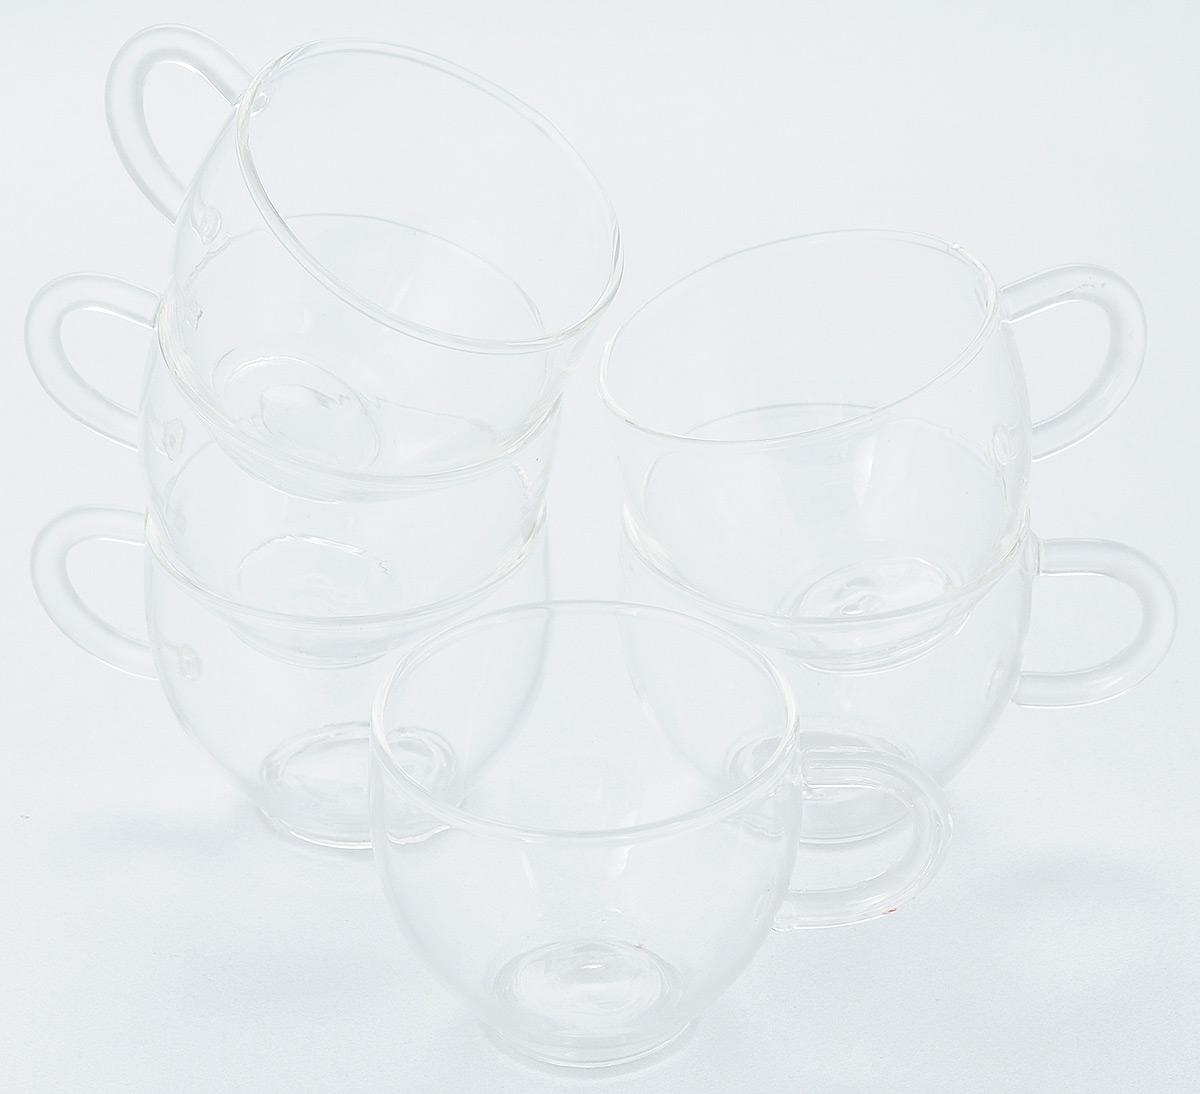 Набор чайный Hunan Provincial, 120 мл, 6 шт15126Чайный набор Hunan Provincial состоит из 6 чашек. Изделия выполнены из жаропрочного стекла. Такое стекло выдерживает резкие колебания температуры от -20 °C до +100 °C. Прозрачность стенок подчеркивает и оттеняет красивый цвет чайного настоя. Дизайн чайной пары придется по вкусу и ценителям классики, и тем кто предпочитает современный стиль.